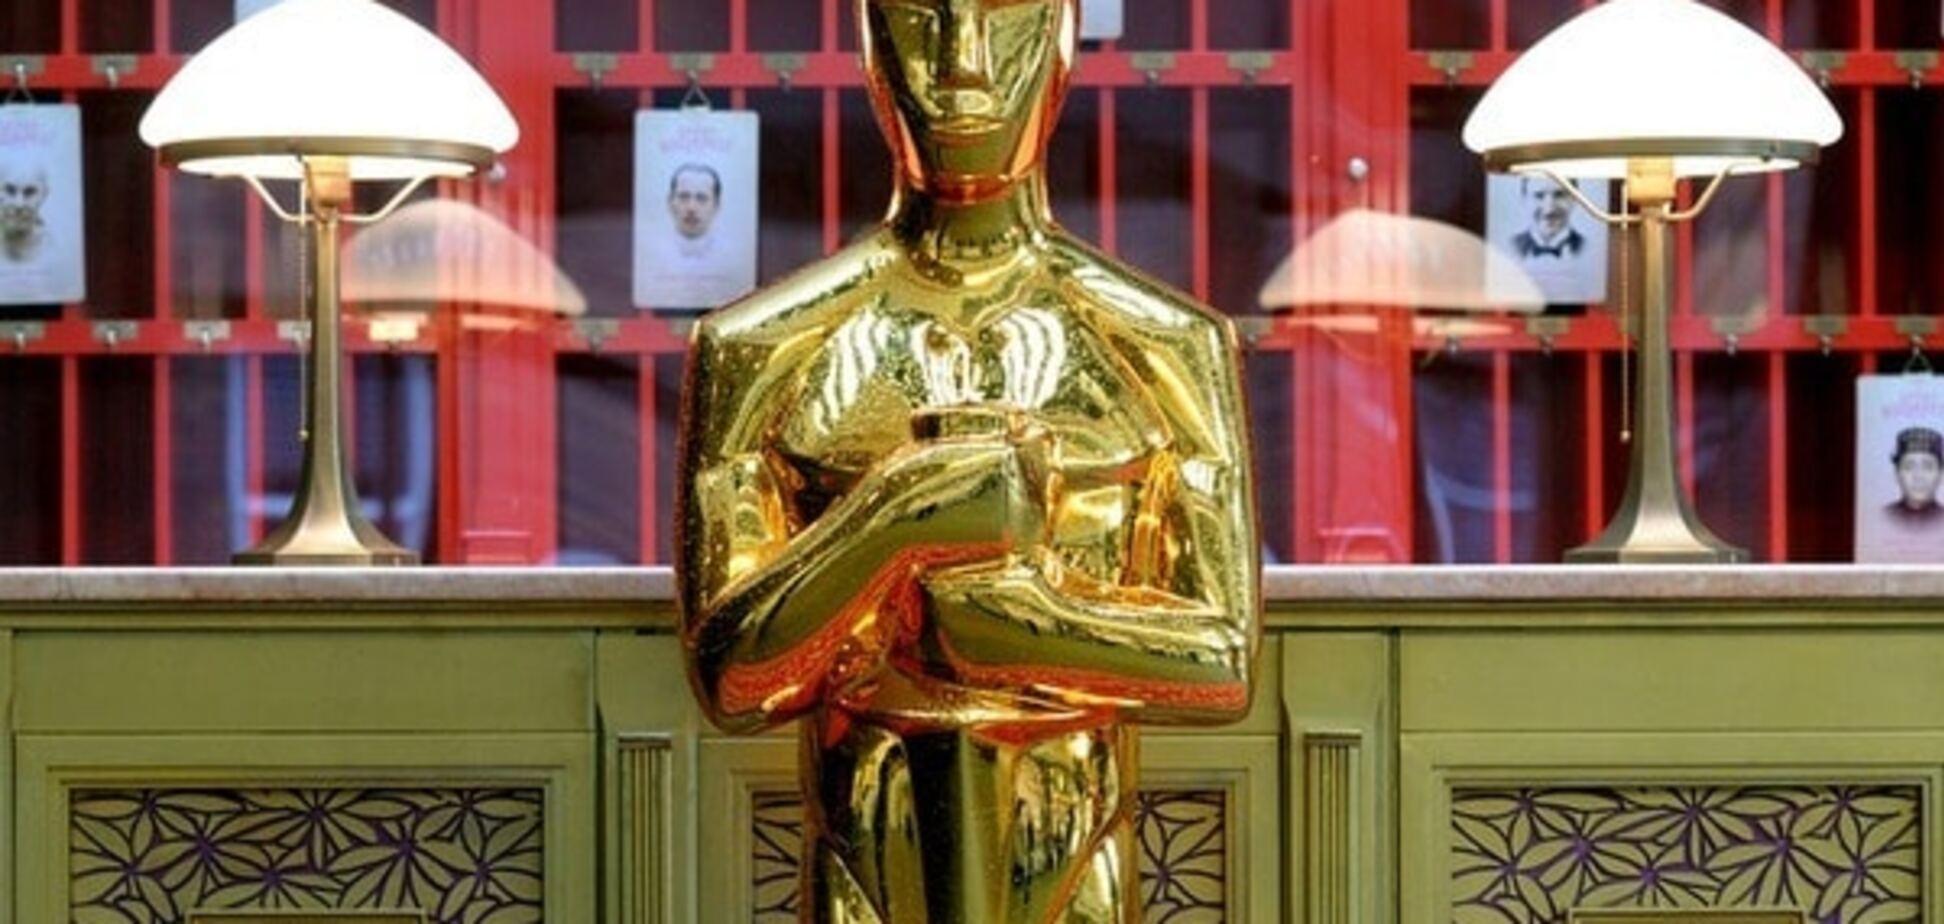 Каждой красавице по награде: кому достанется 'Оскар' за лучшую женскую роль